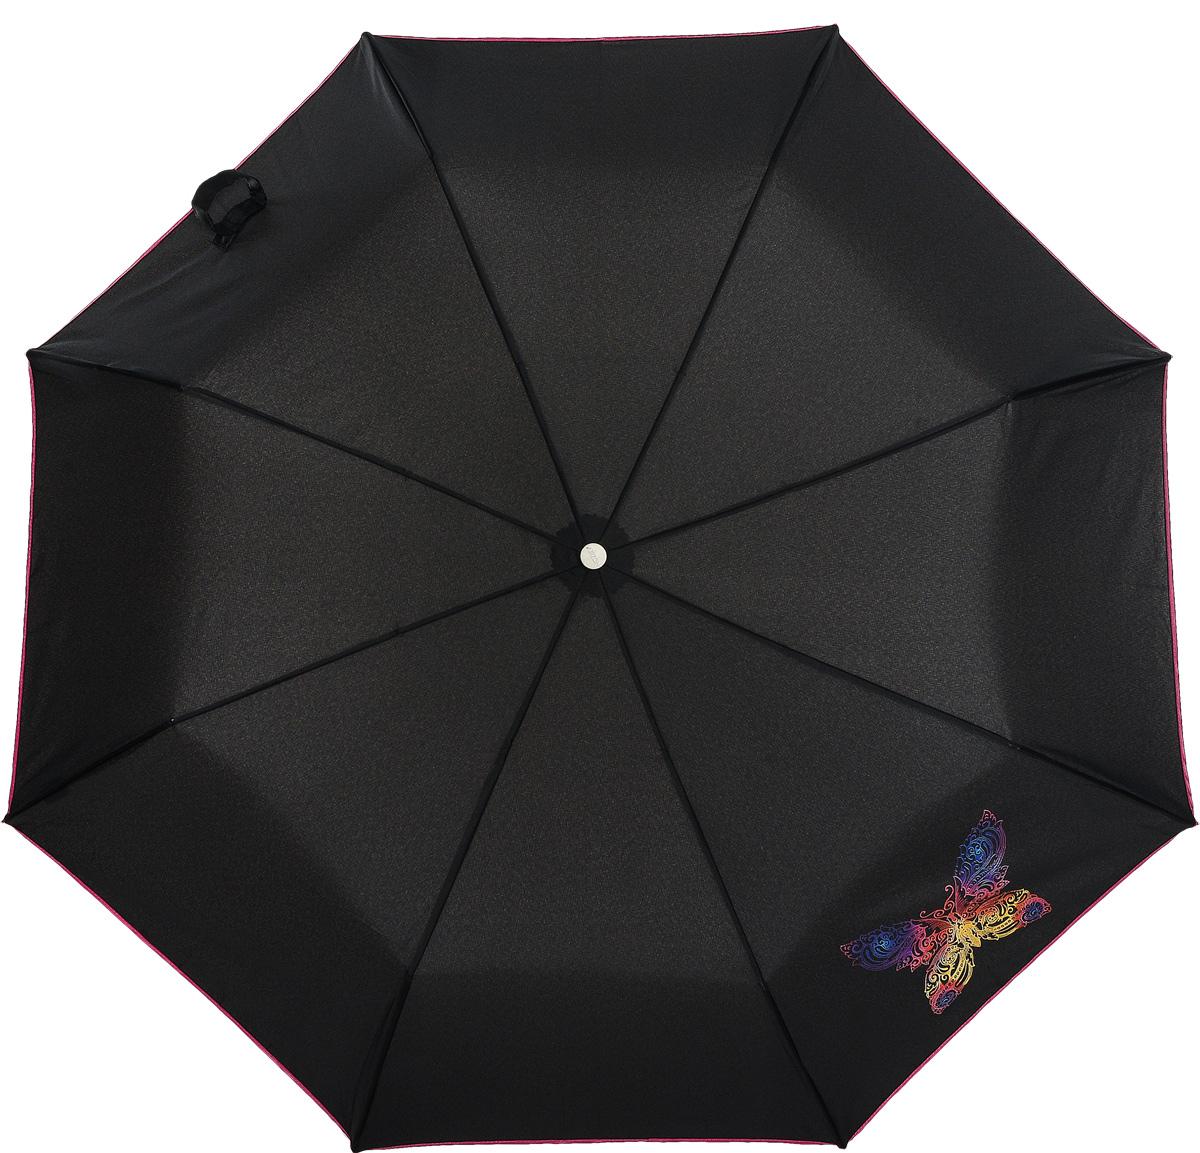 Зонт женский Airton, механический, 3 сложения, цвет: черный, Фуксия. 3512-1063512-106Оригинальный однотонный женский зонт в 3 сложения с миниатюрным цветочным принтом. Данная модель оснащена механической системой открытия и закрытия. Удобная ручка выполнена из пластика в тон основному цвету купола зонта. Модель зонта выполнена в стандартном размере, оснащена системой Антиветер. Этот стильный аксессуар поместится практически в любую женскую сумочку благодаря своим небольшим размерам.